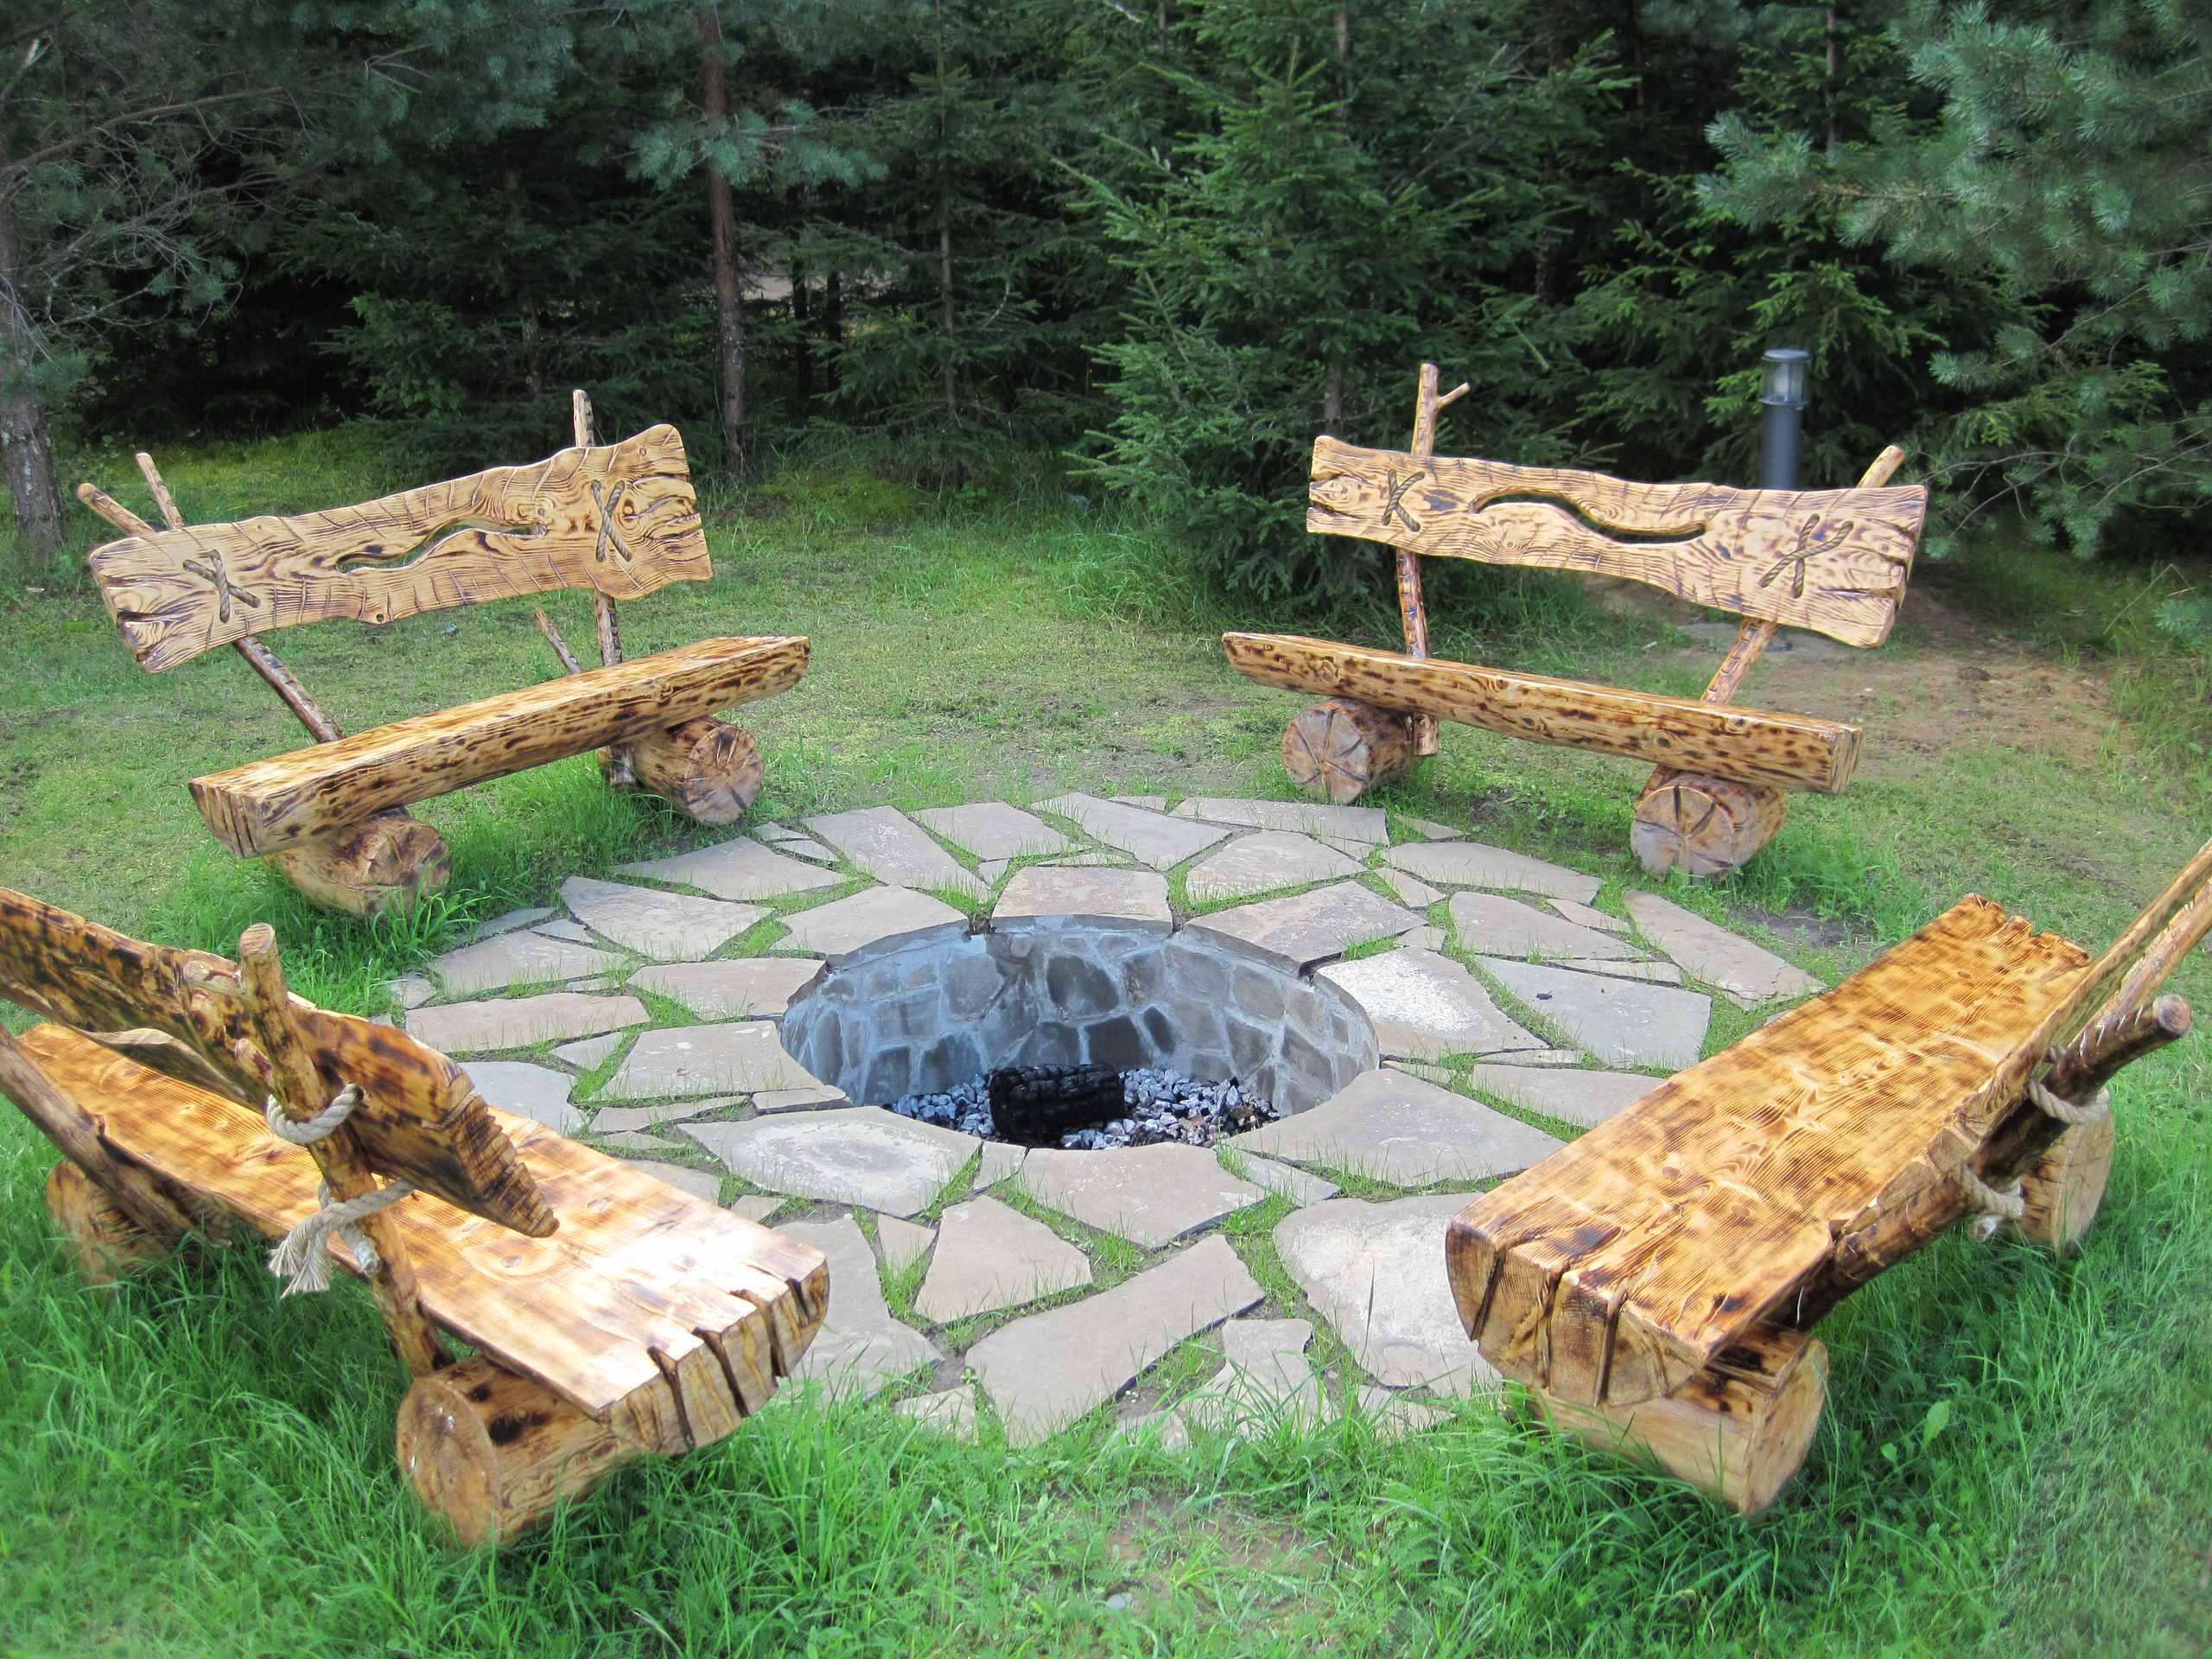 rustic garden design ideas ~ whether you call it garden art